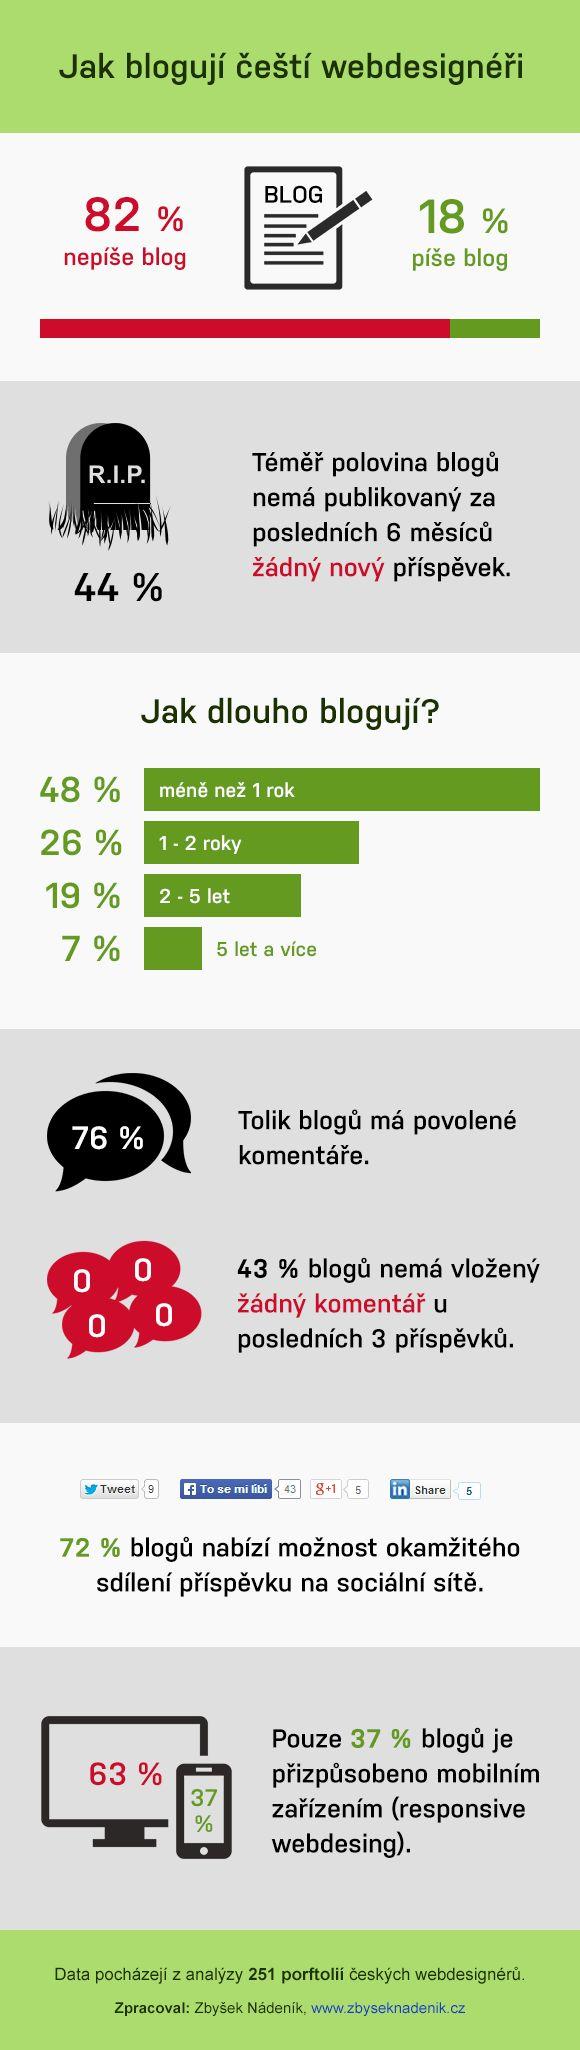 Jak blogují čeští webdesignéři - infografika